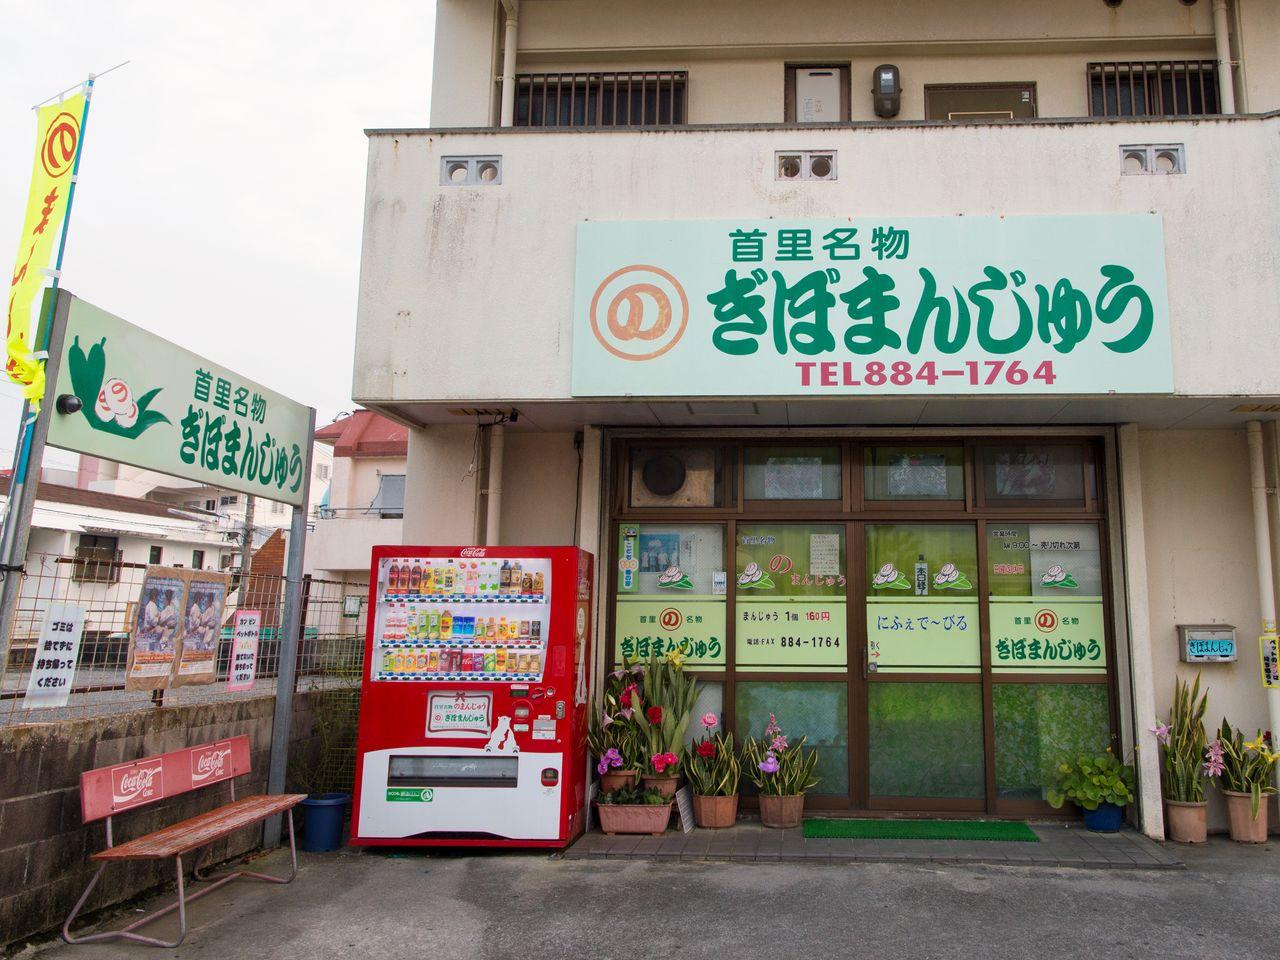 Магазин «Гибо-мандзю» раньше находился в районе Сюридзёгибо-тё